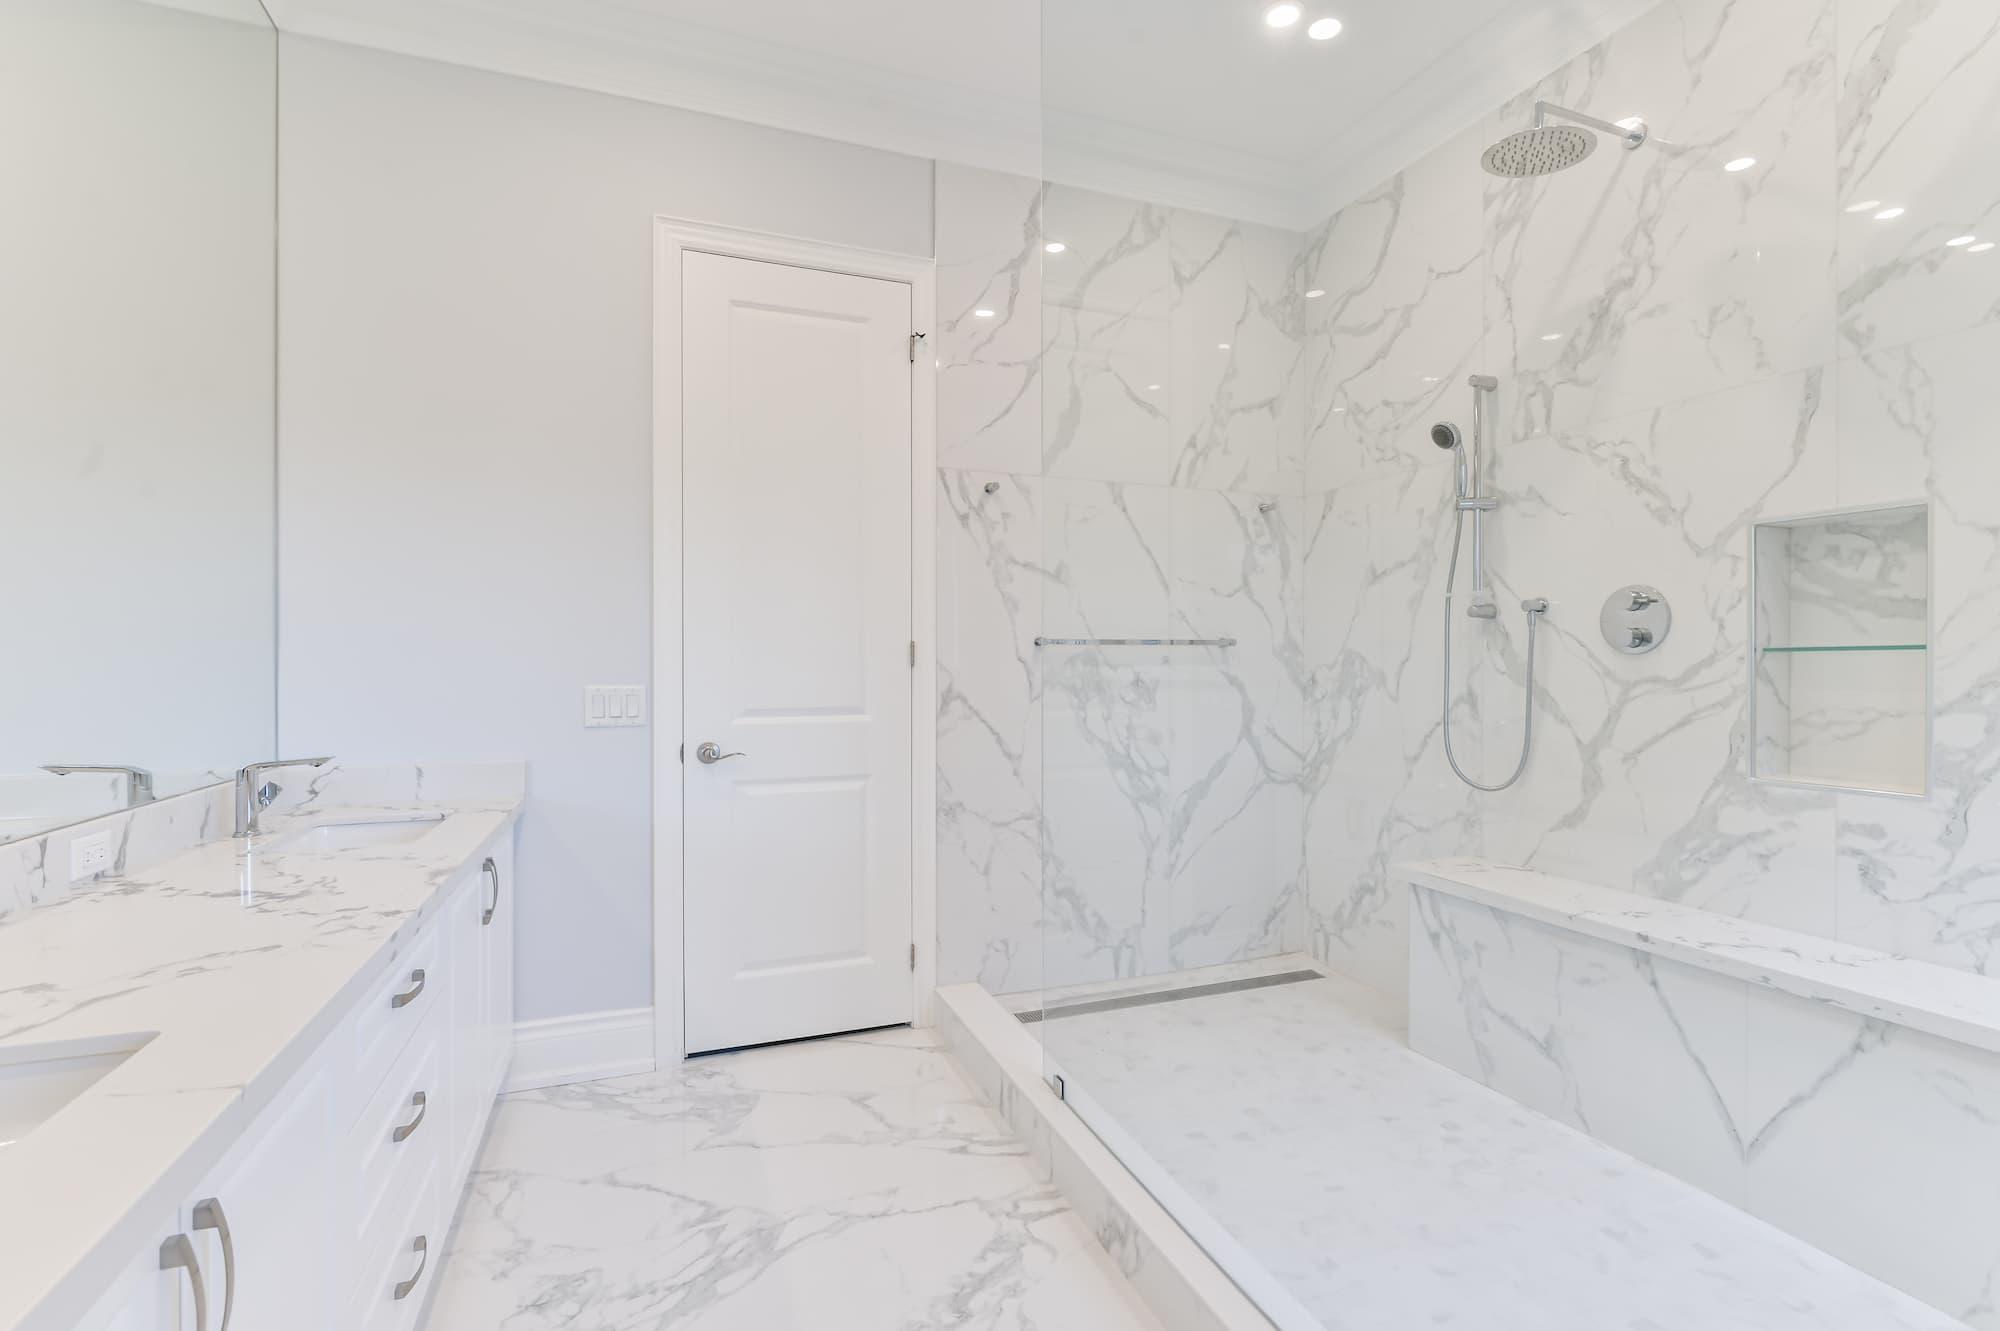 douche italienne avec tuiles de céramique imitation de marbre